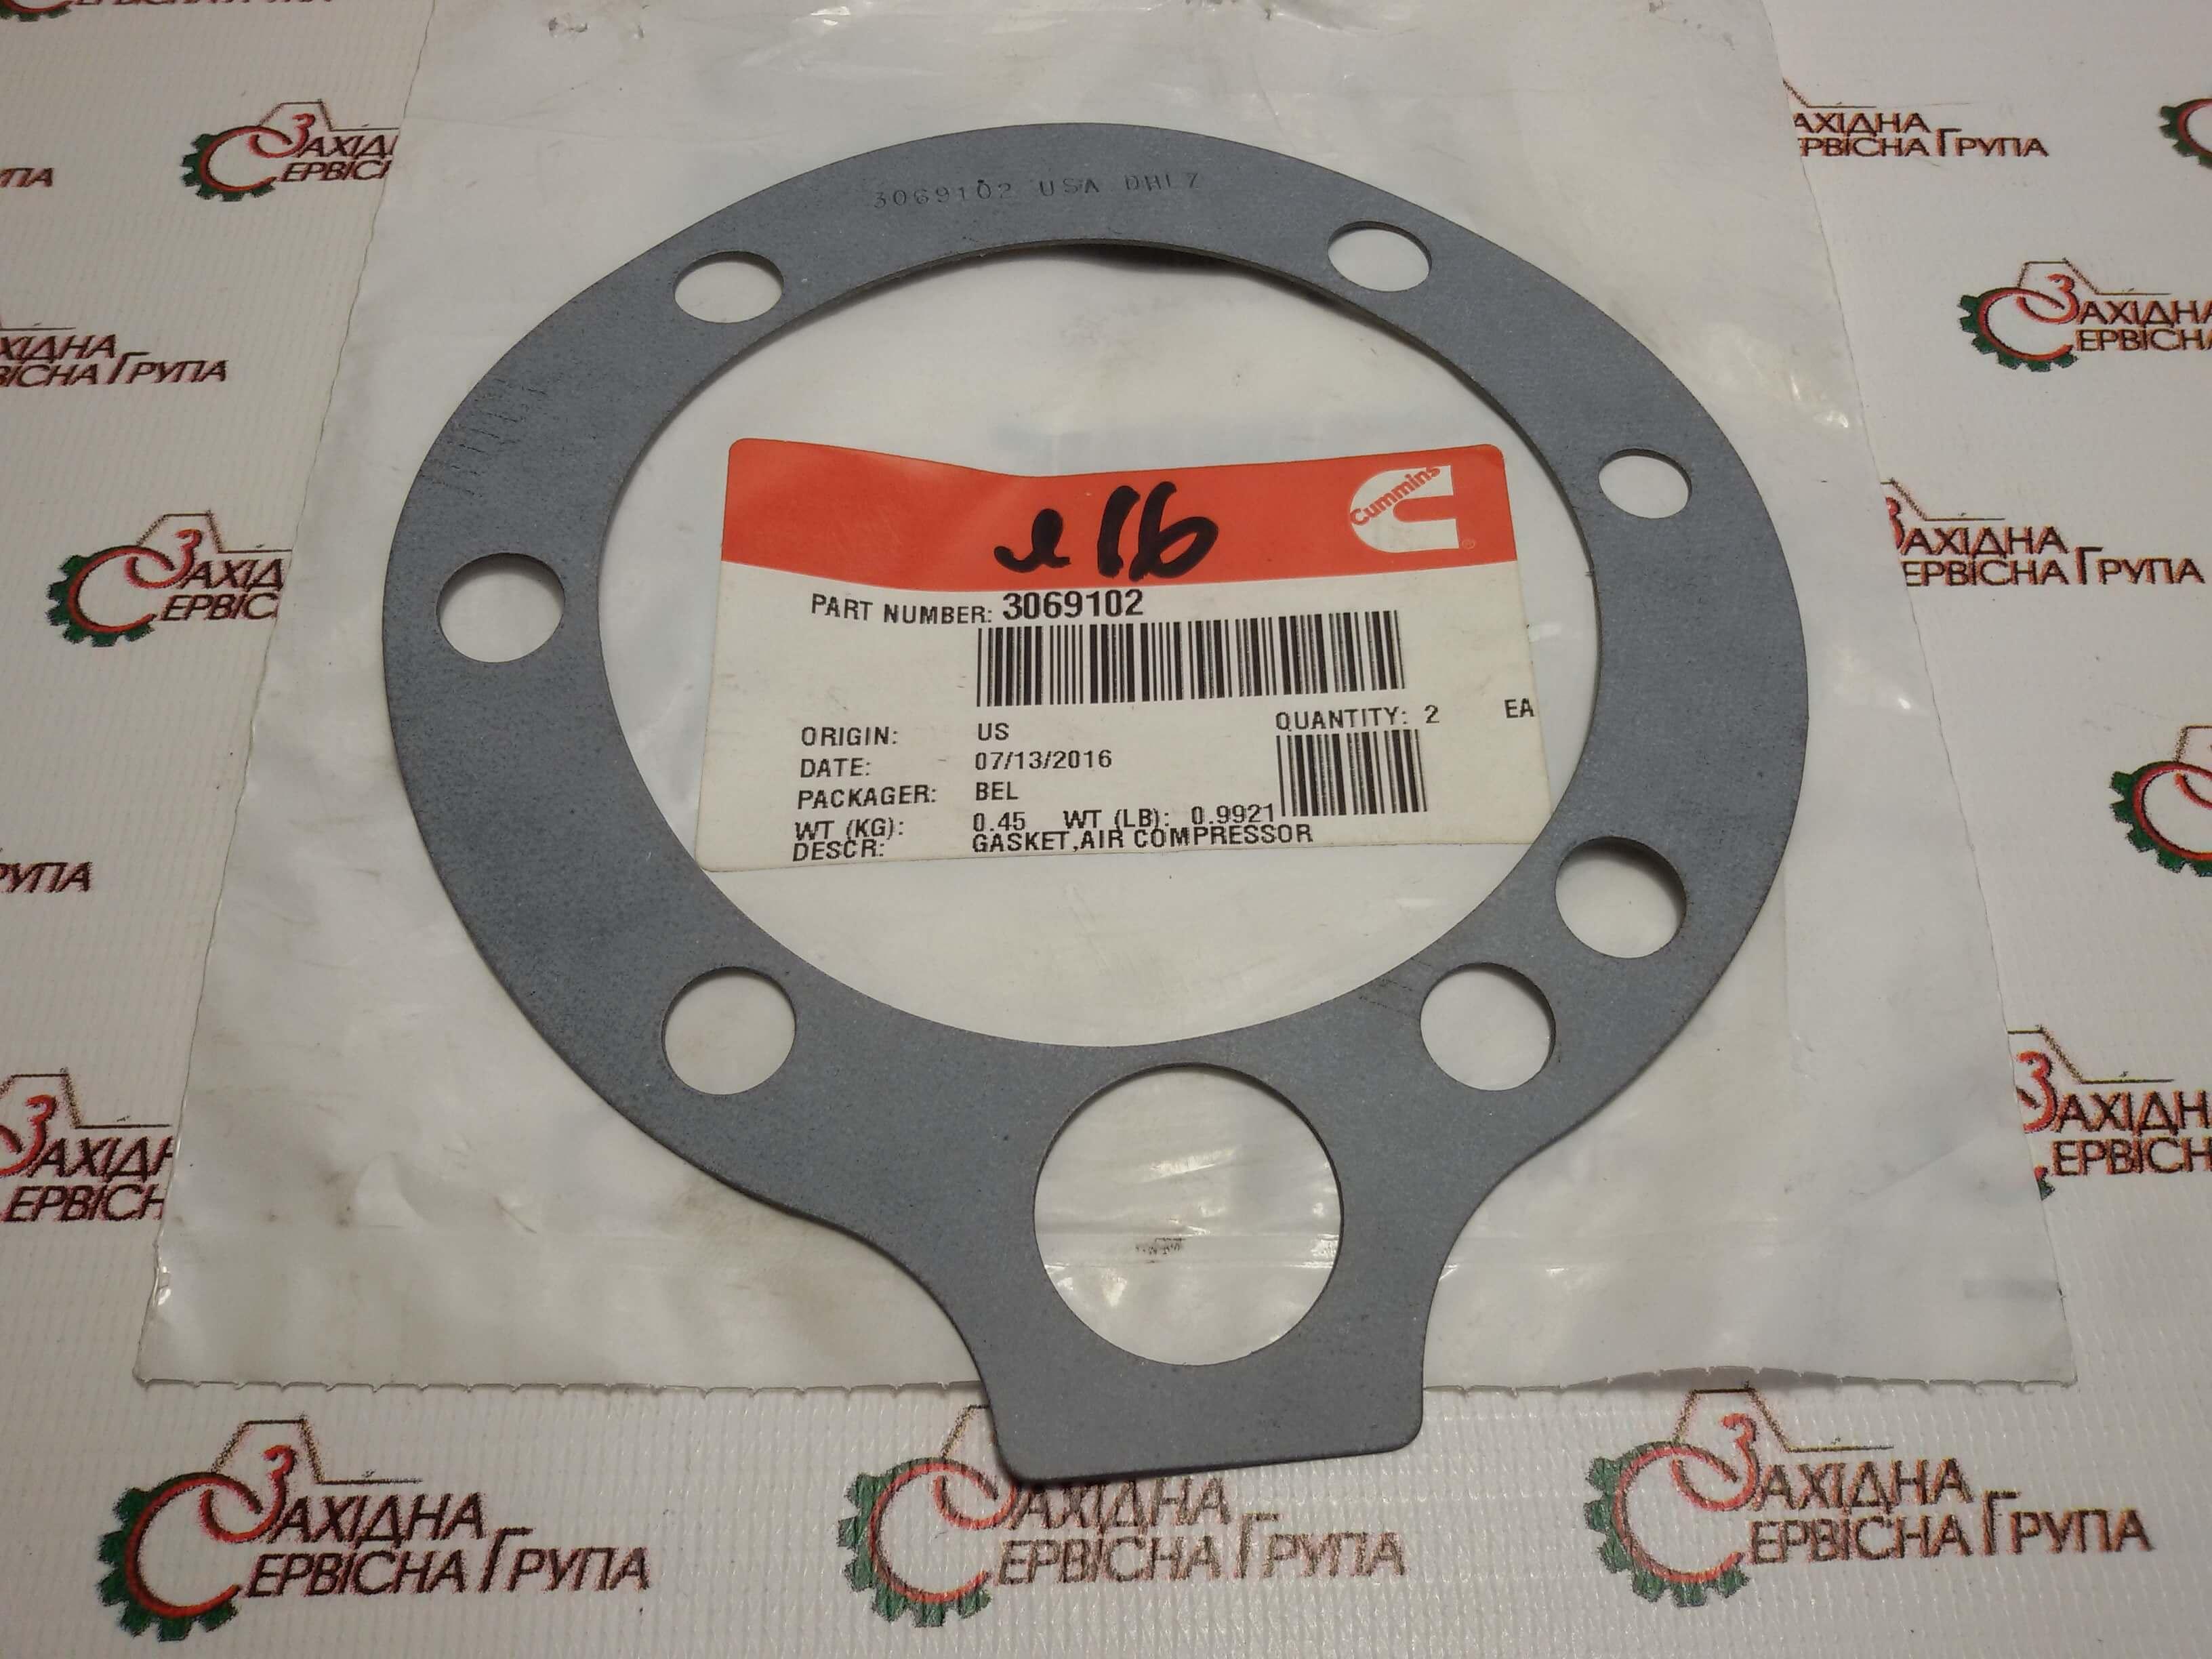 Прокладка повітряного компресора Cummins KTA19, 3069102, 3049688, 3201850, 3025890, 218027, 206207.